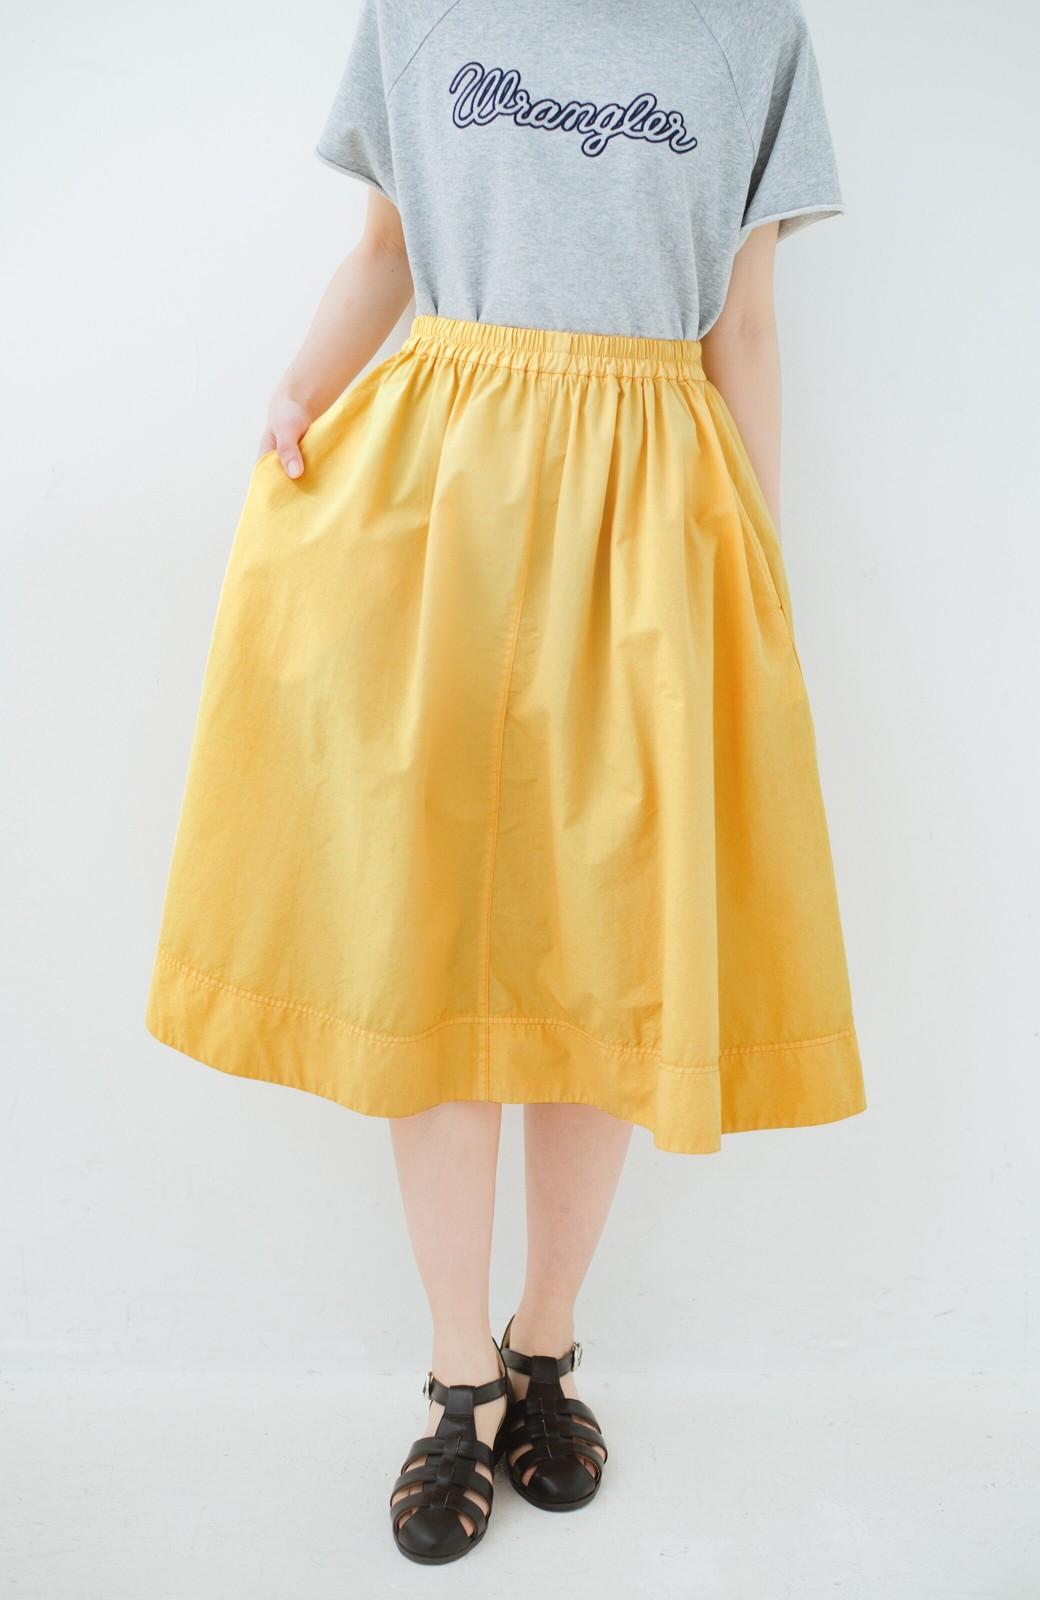 haco! 花や野菜を使って染めた 楽ちんキレイなフレアースカート <イエロー>の商品写真2